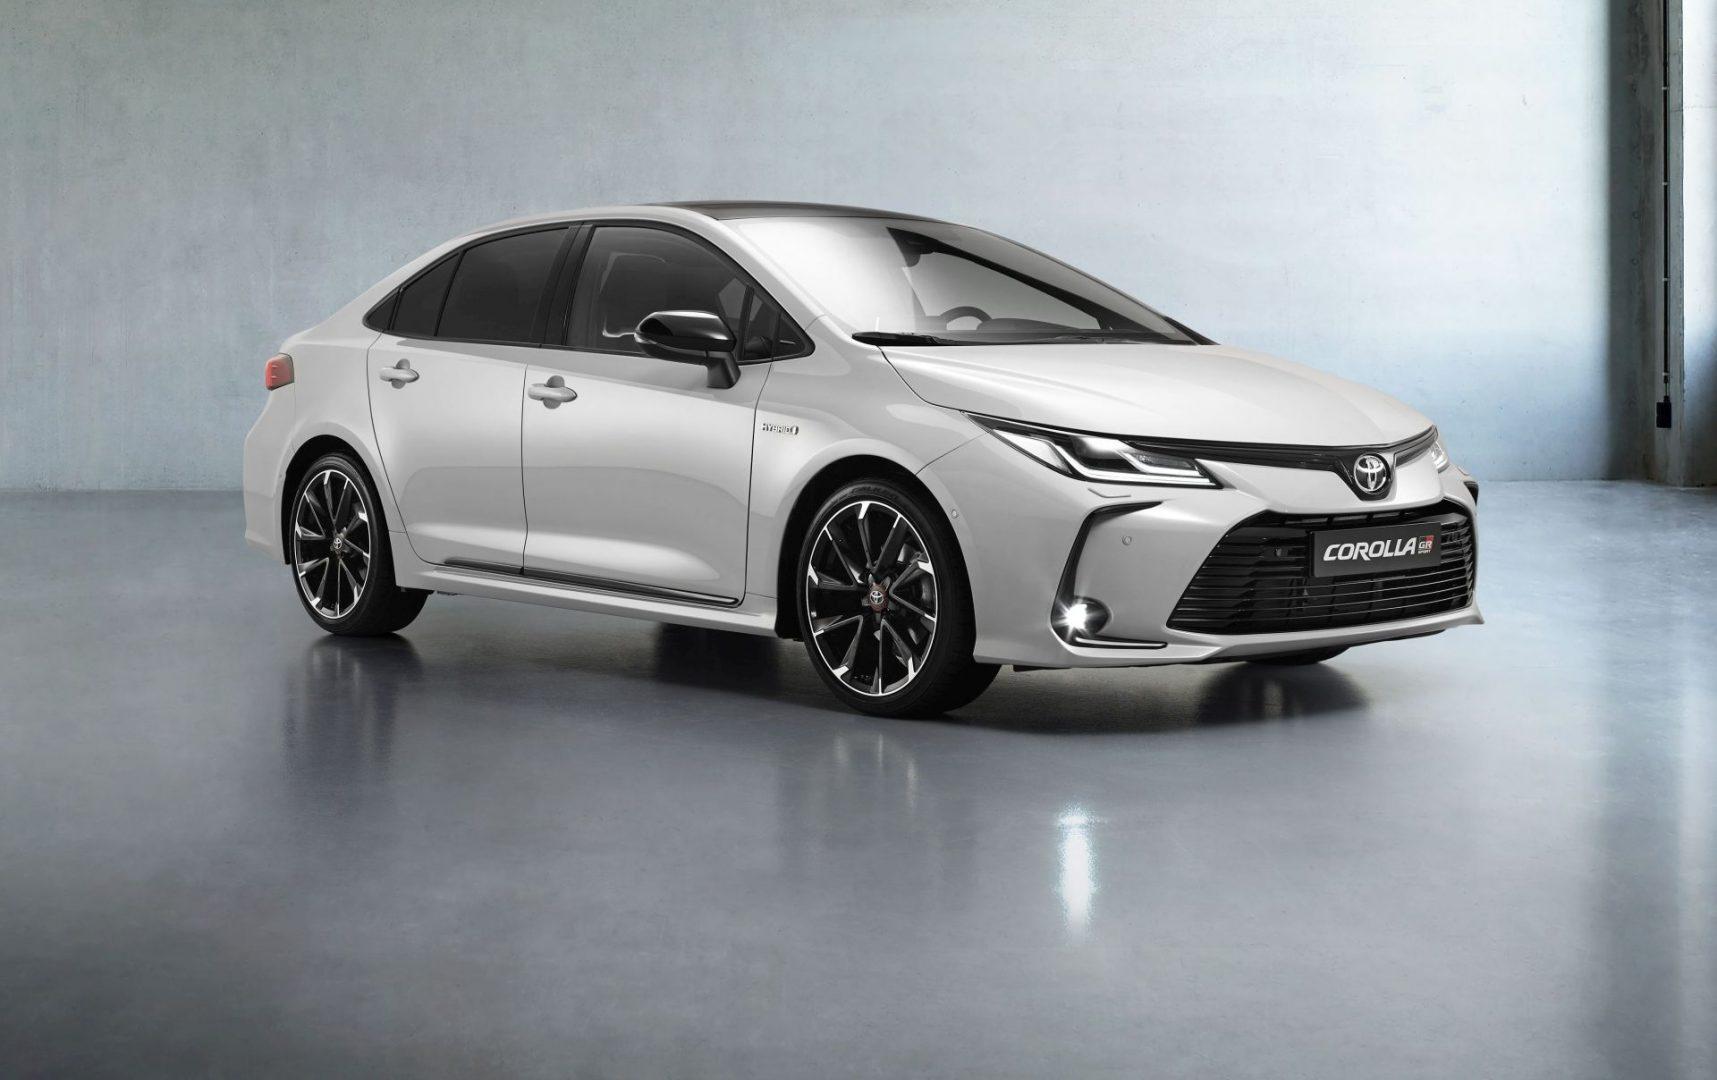 Uskoro i Toyota Corolla Sedan dostupna u GR Sport izvedbi